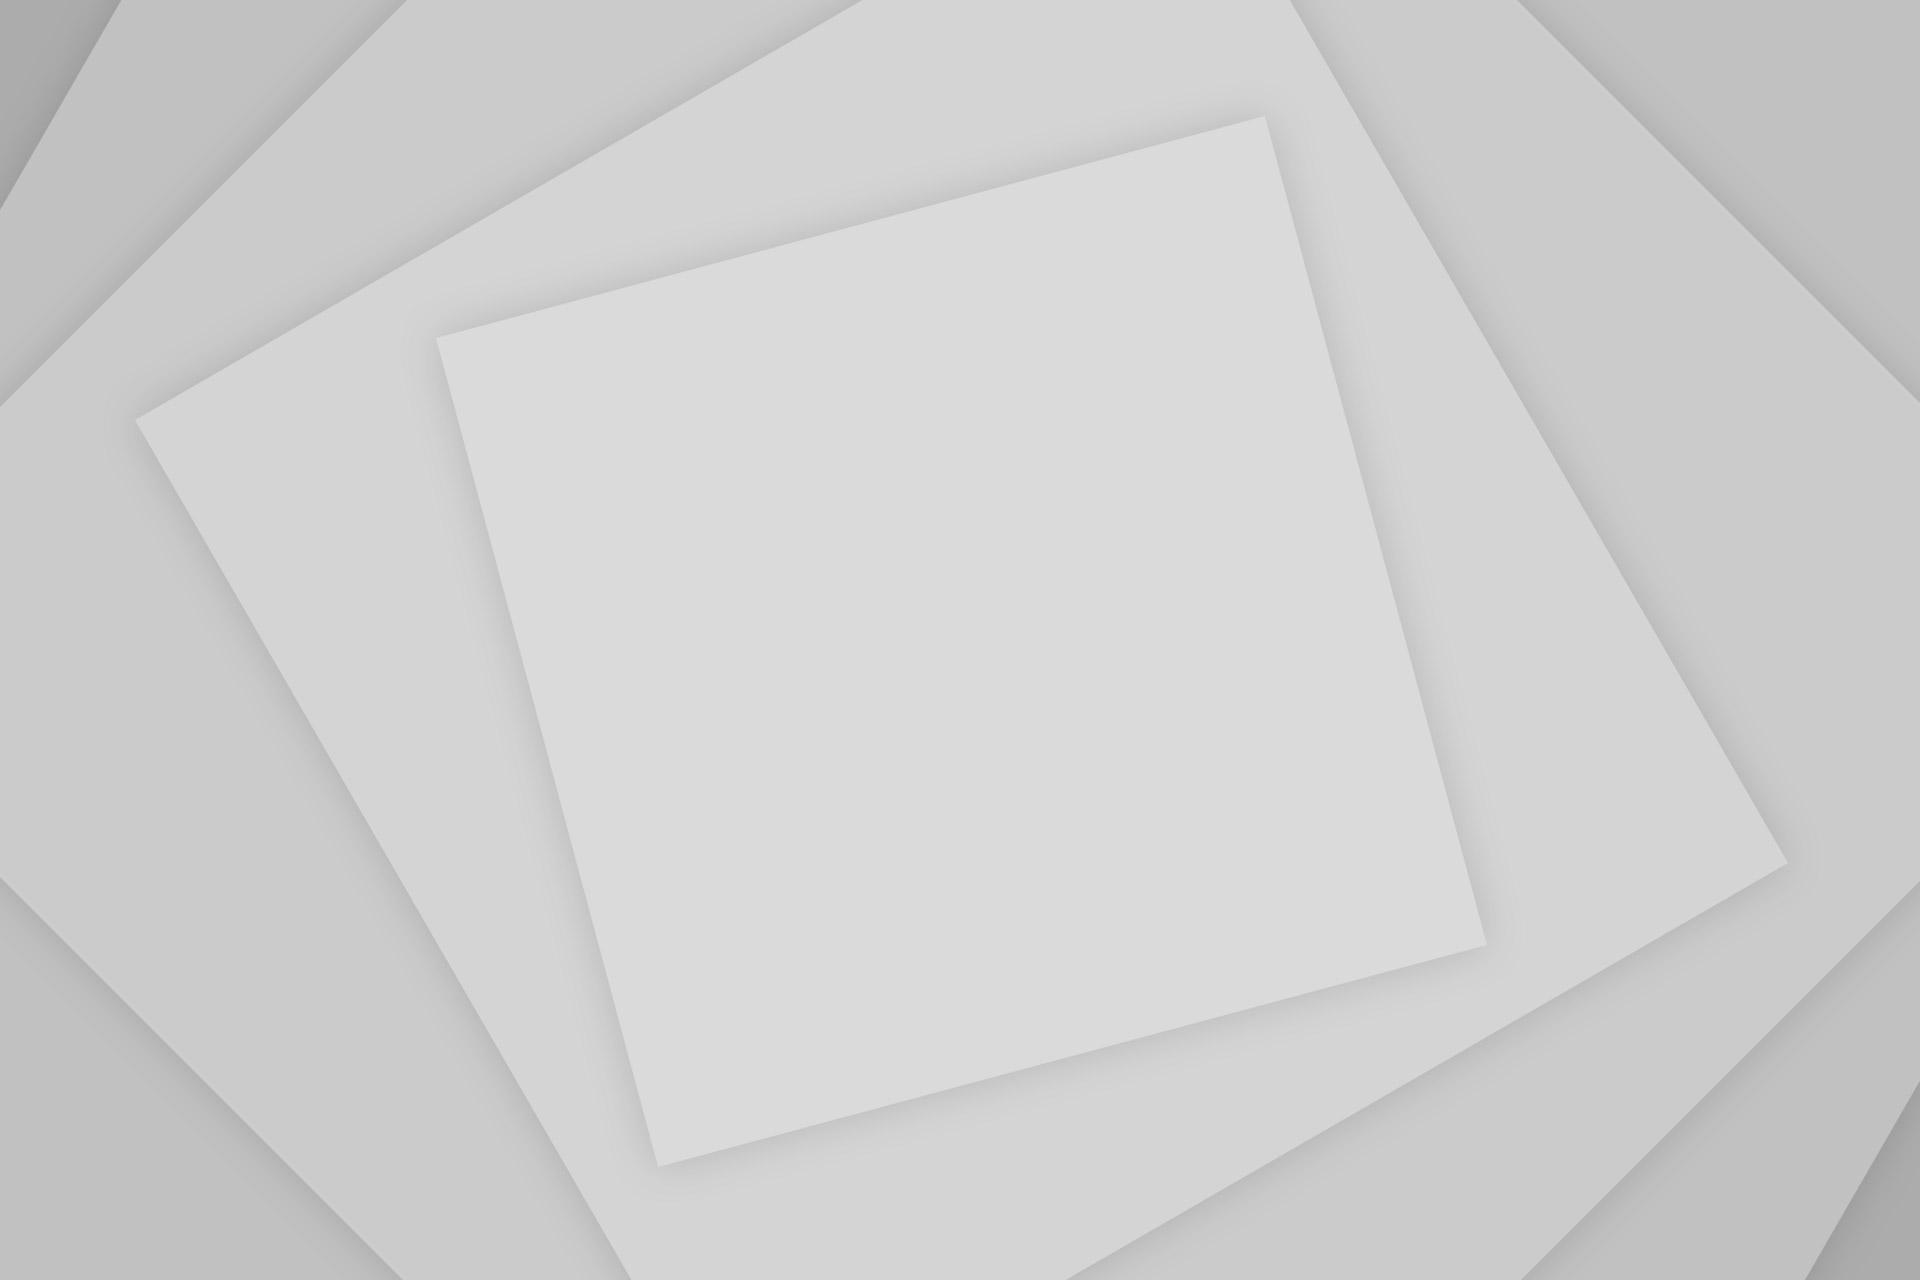 Canasta Spielregeln & Anleitung